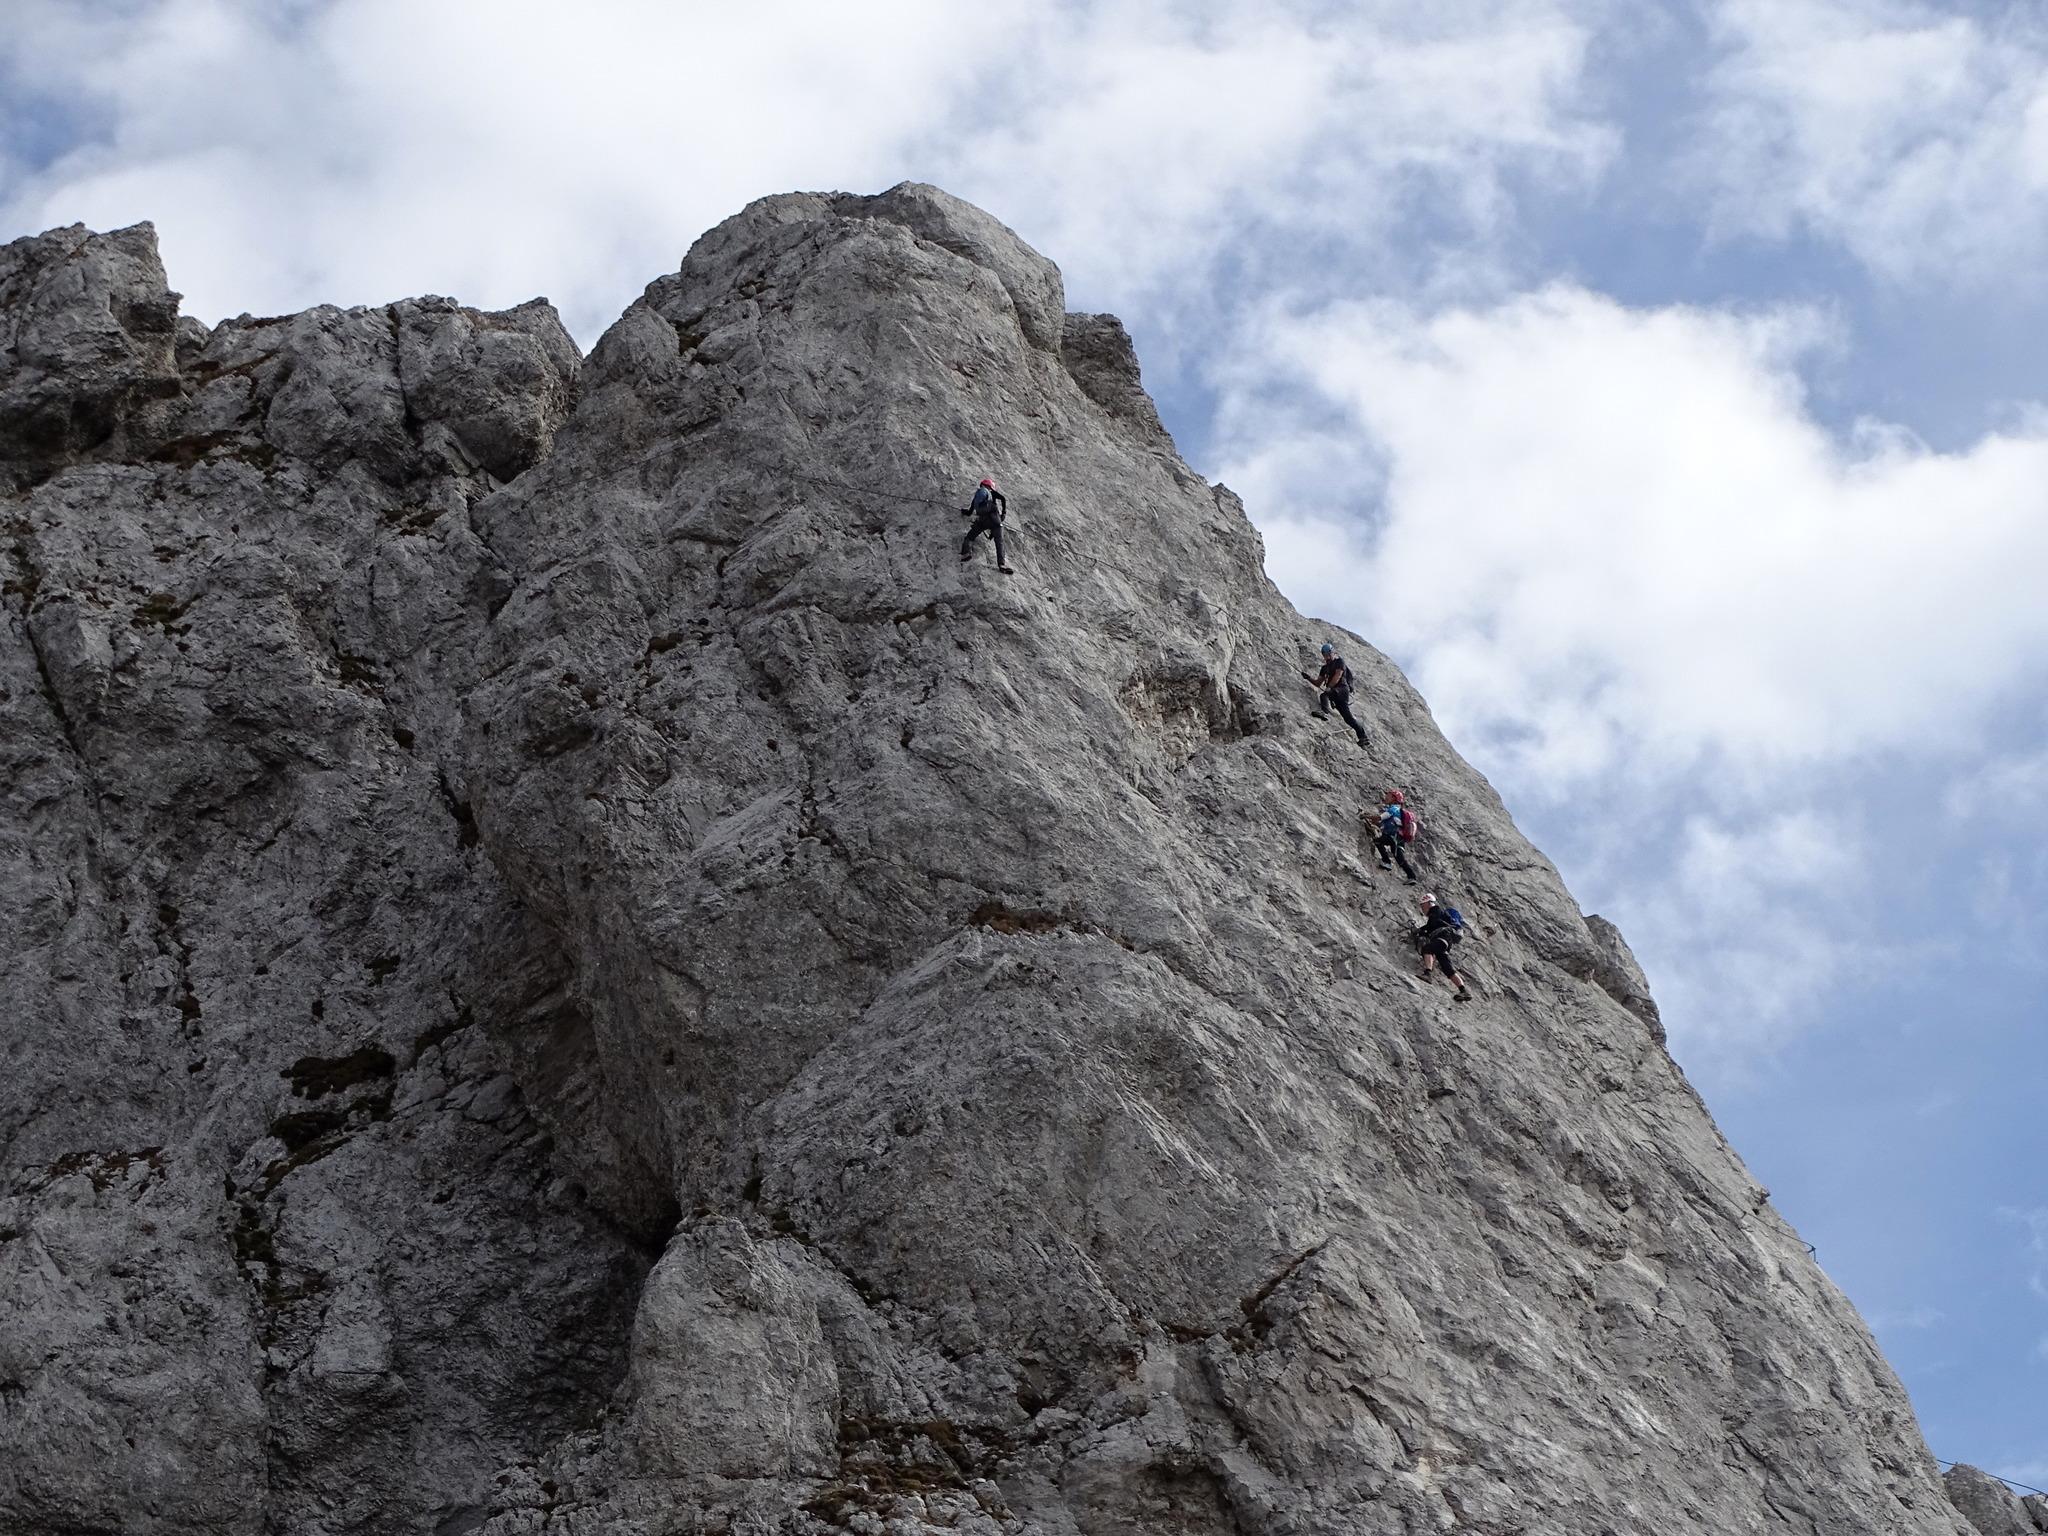 Klettersteig Däumling : Däumling klettersteig und gartnerkofel 2195m hermagor